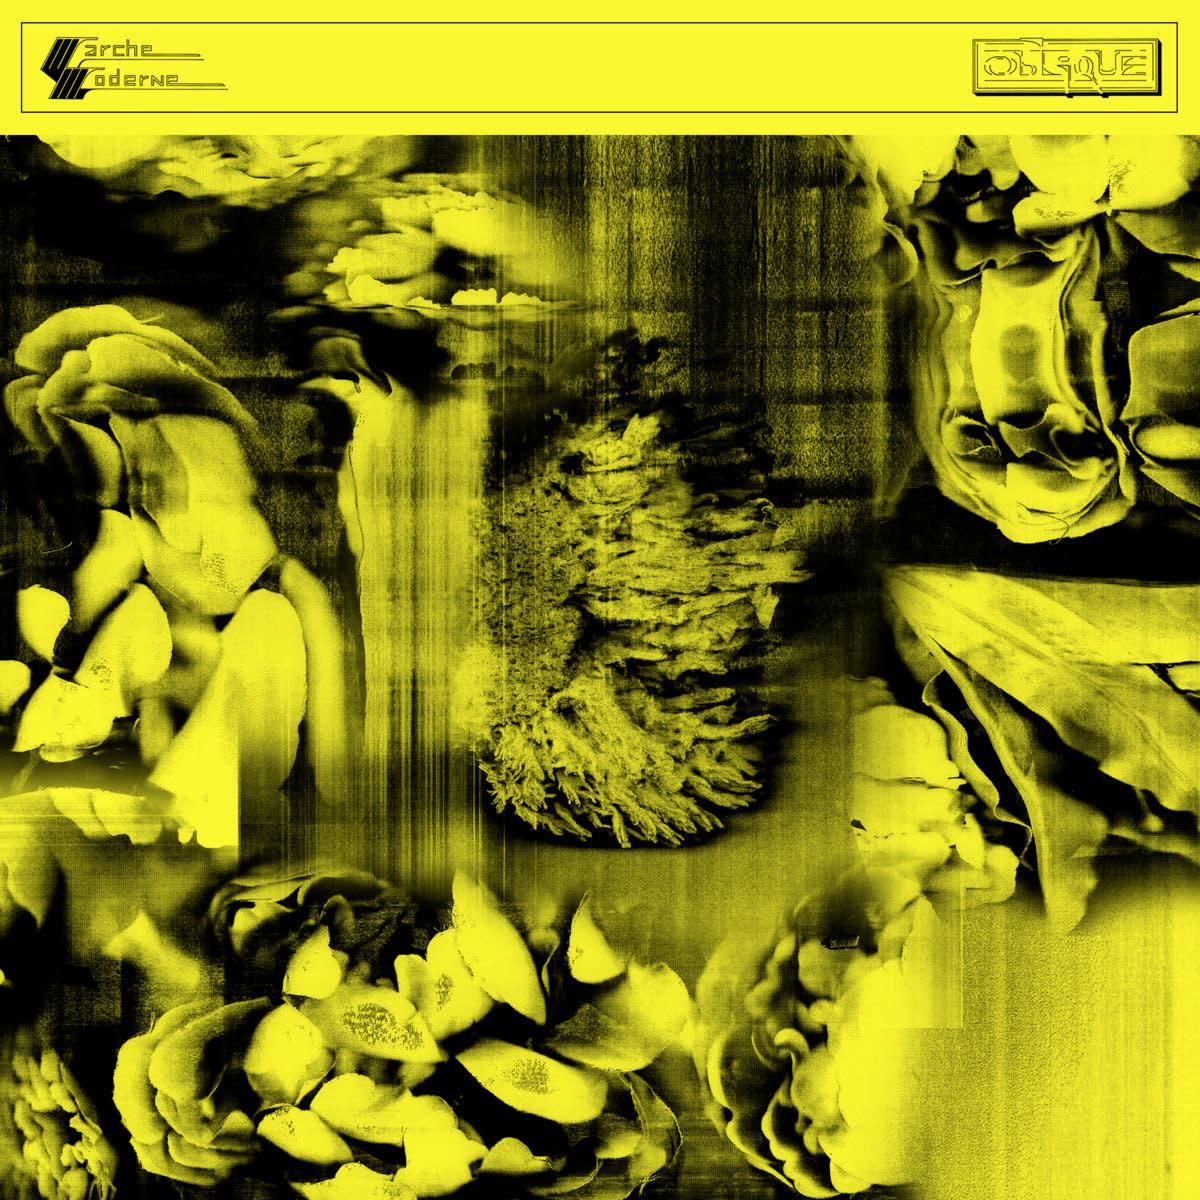 Oblique • Marche moderne-1